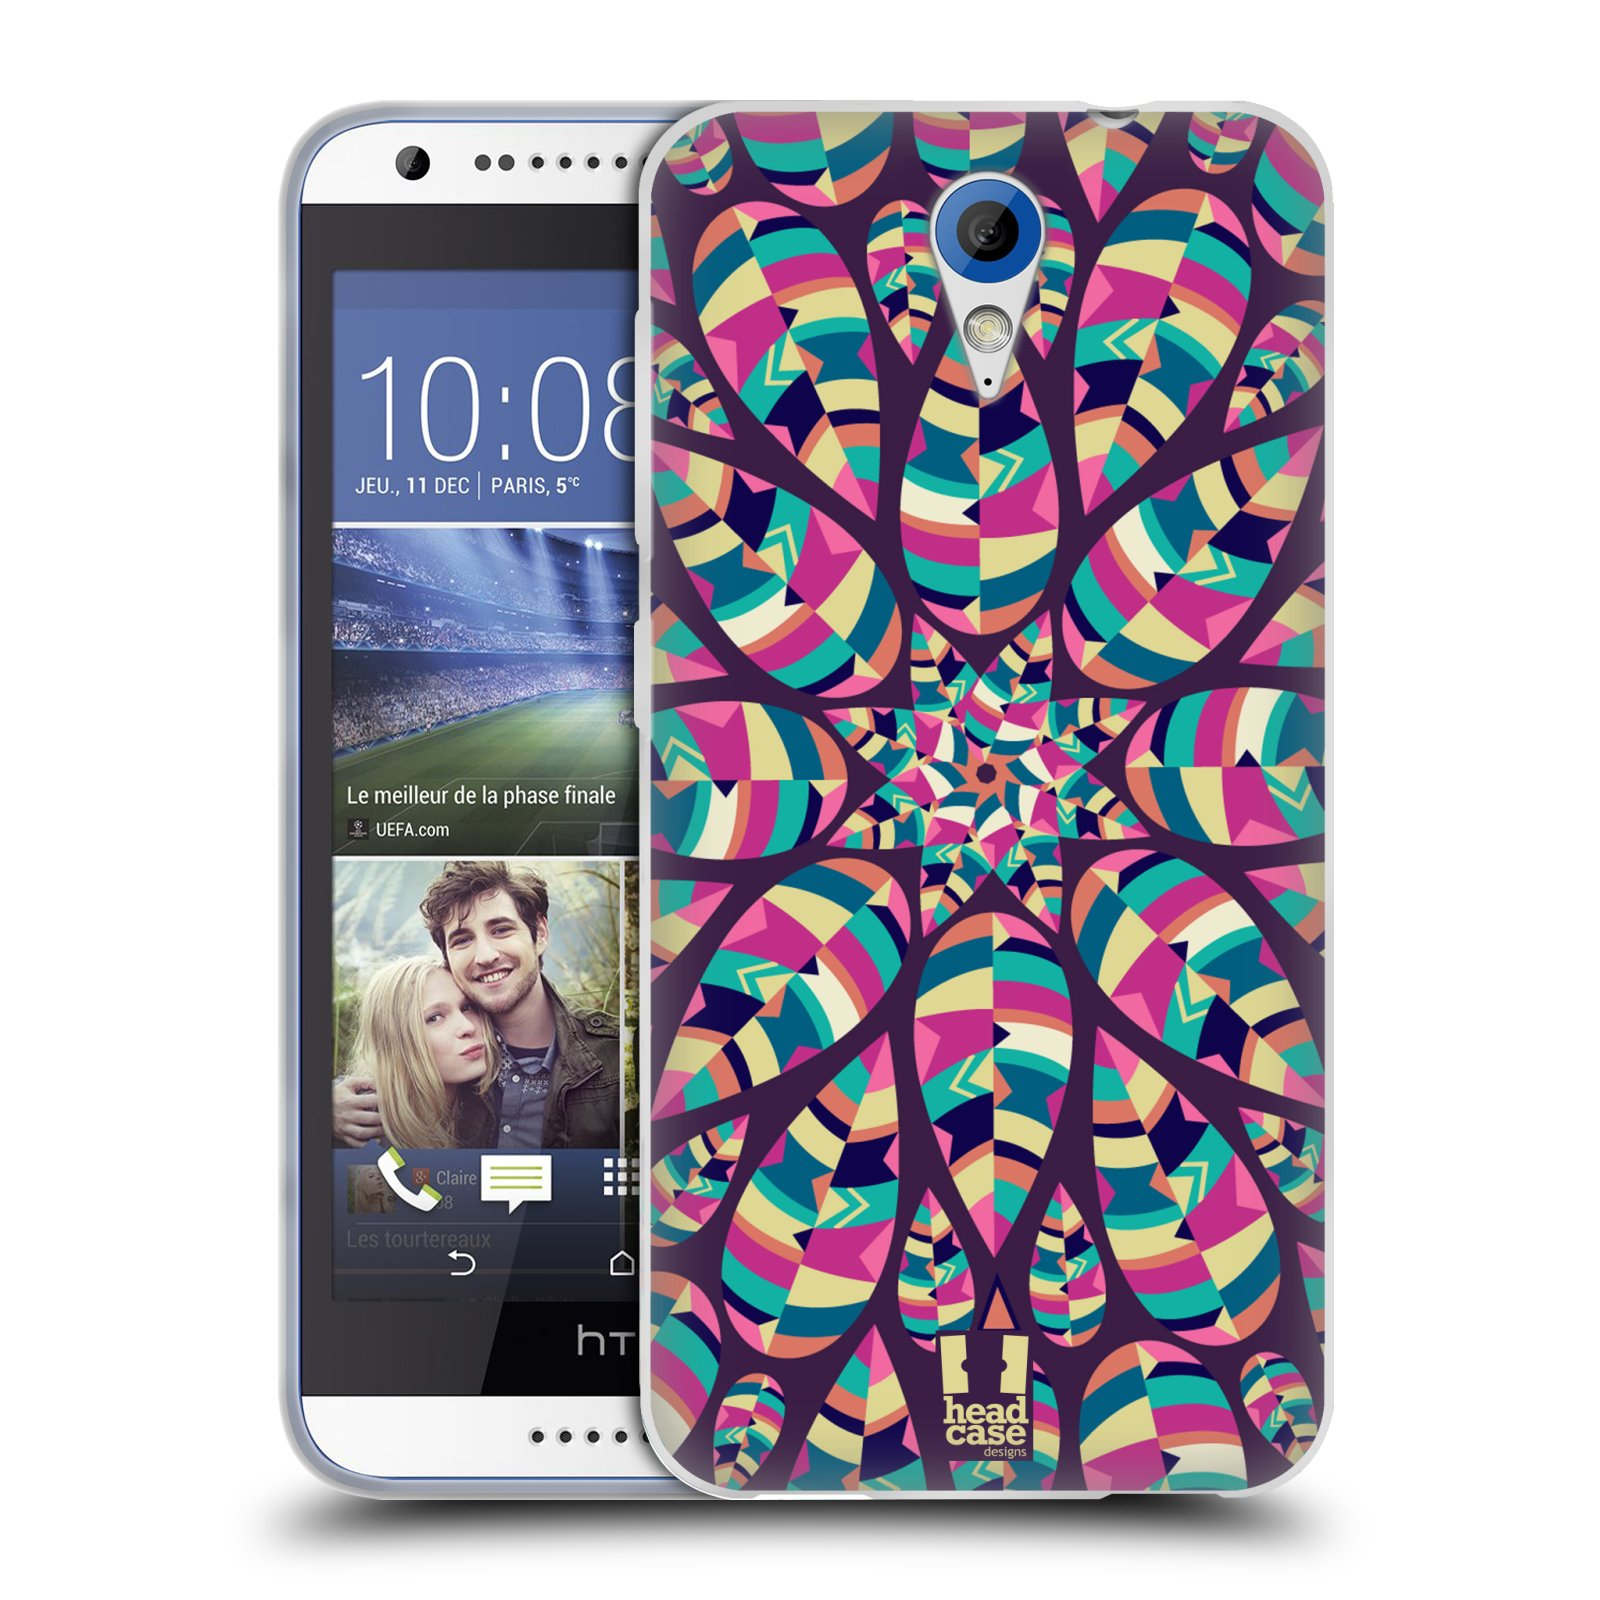 Silikonové pouzdro na mobil HTC Desire 620 HEAD CASE Shine (Silikonový kryt či obal na mobilní telefon HTC Desire 620)